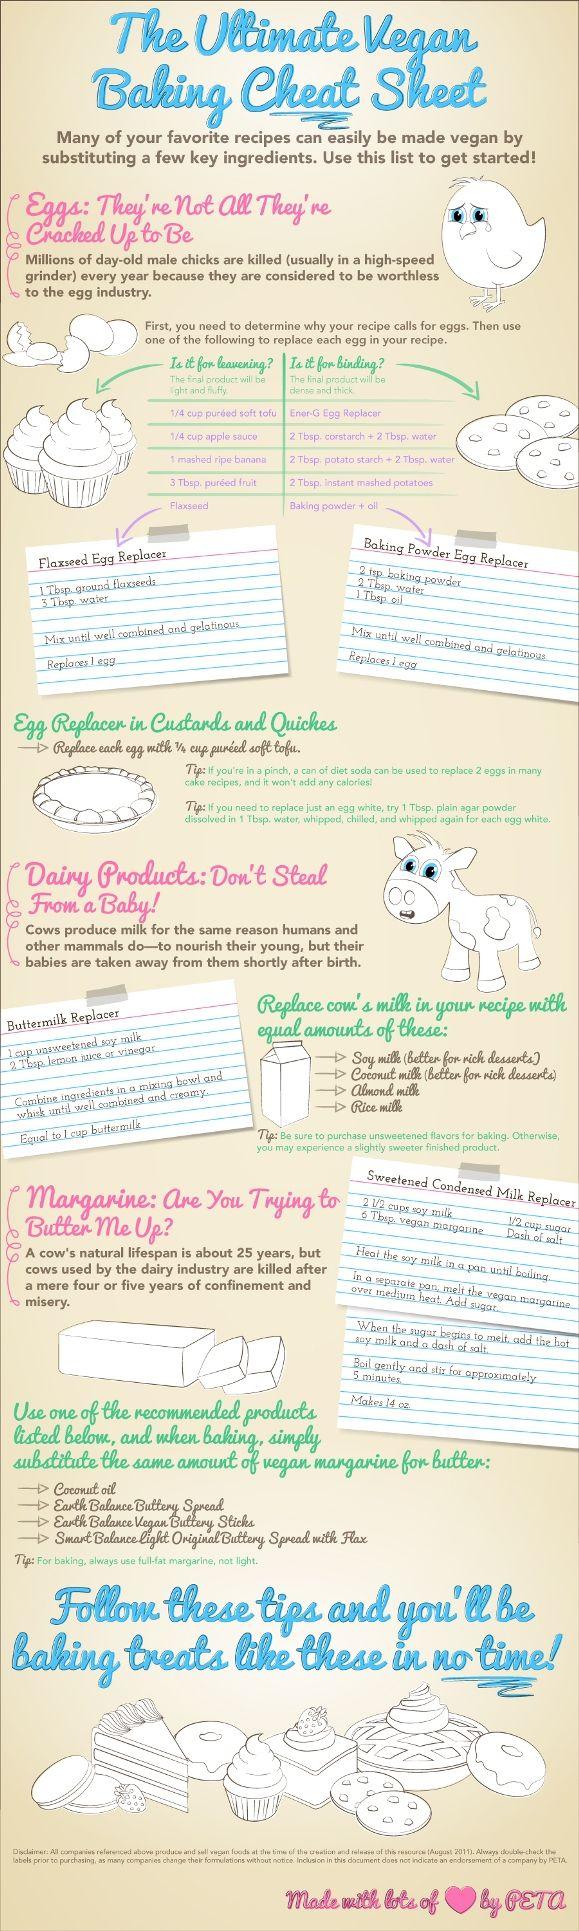 Overzicht van veganistische vervangers voor bij het bakken